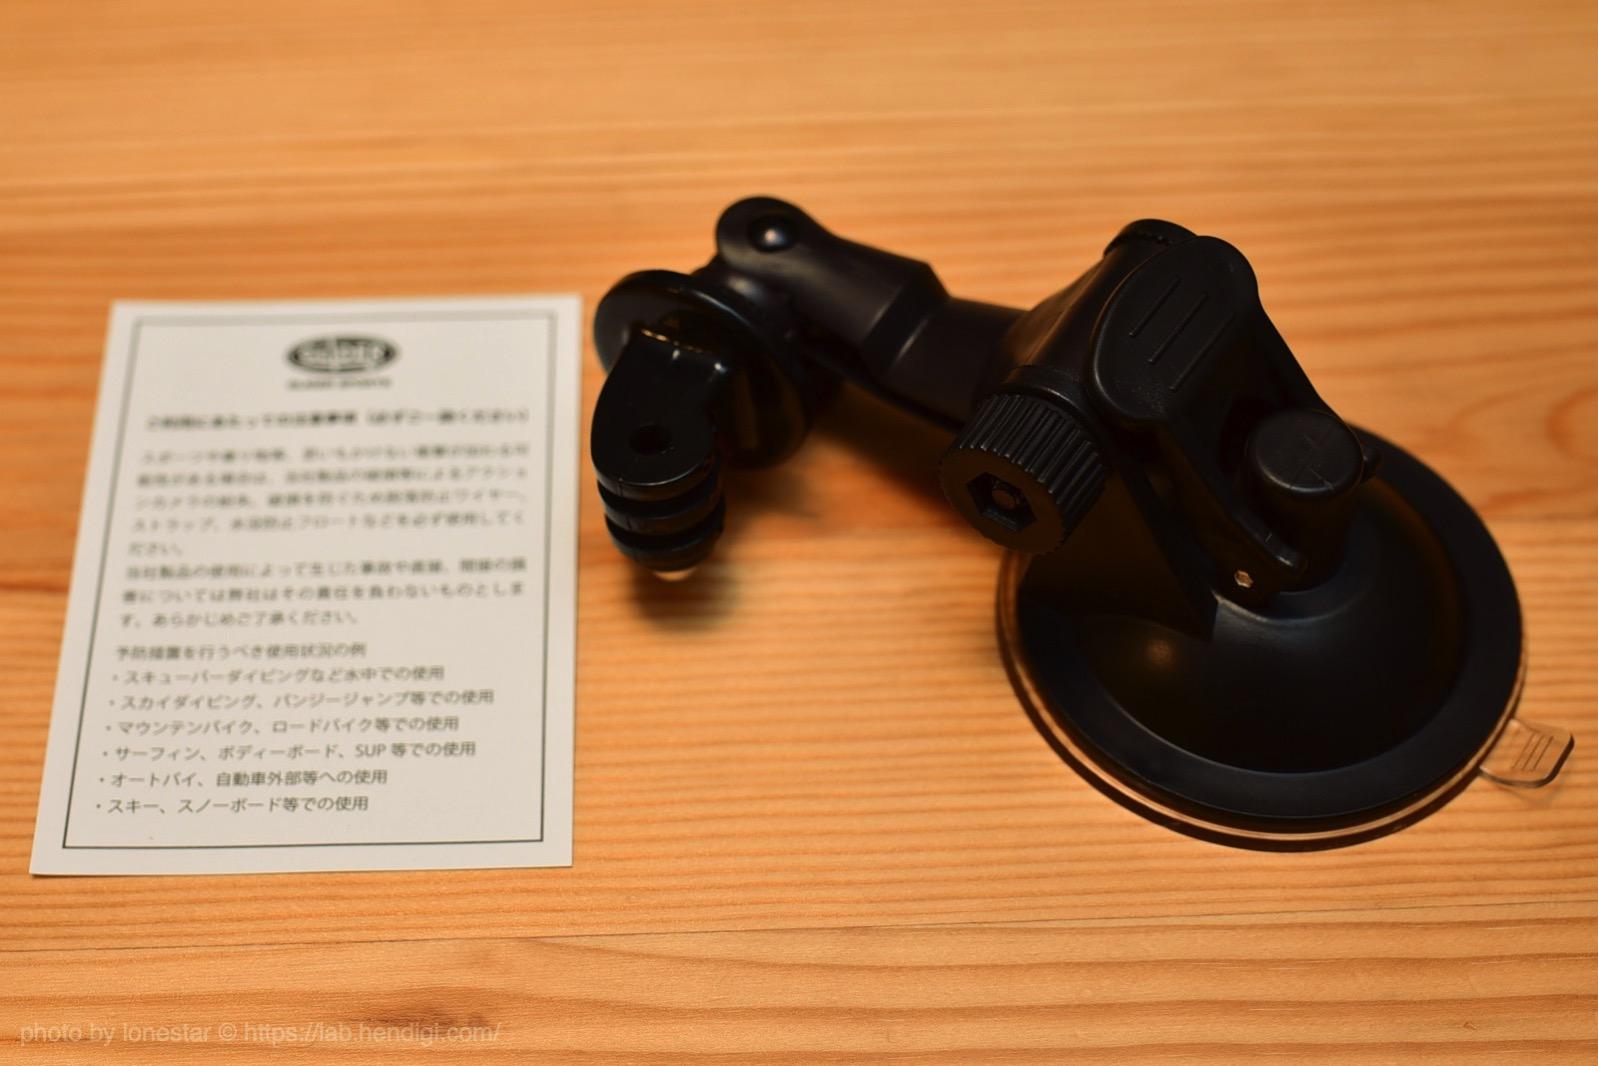 GoPro 吸盤 マウント